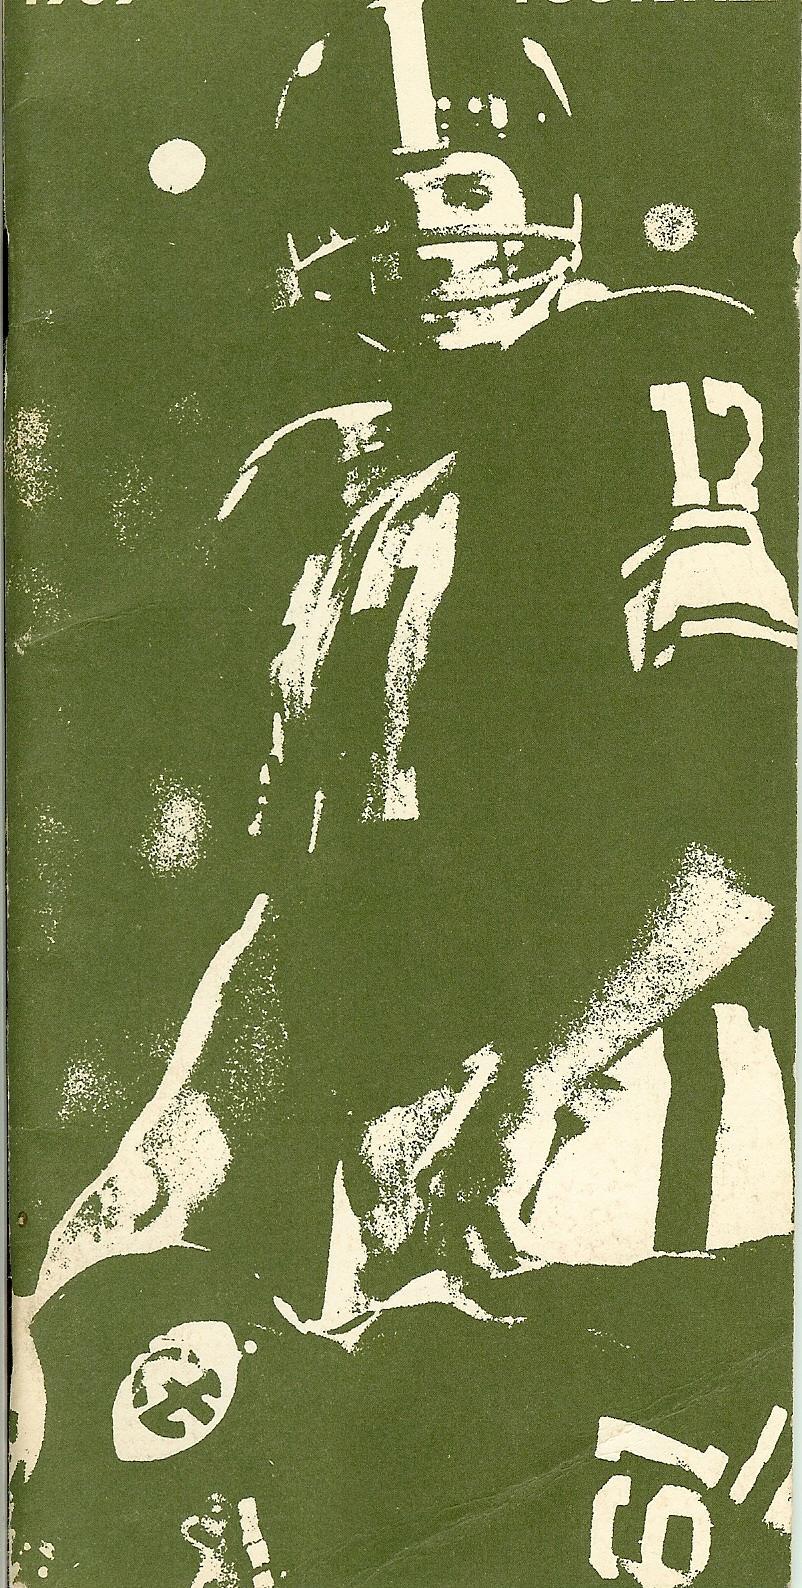 NTSU 19690001.jpg